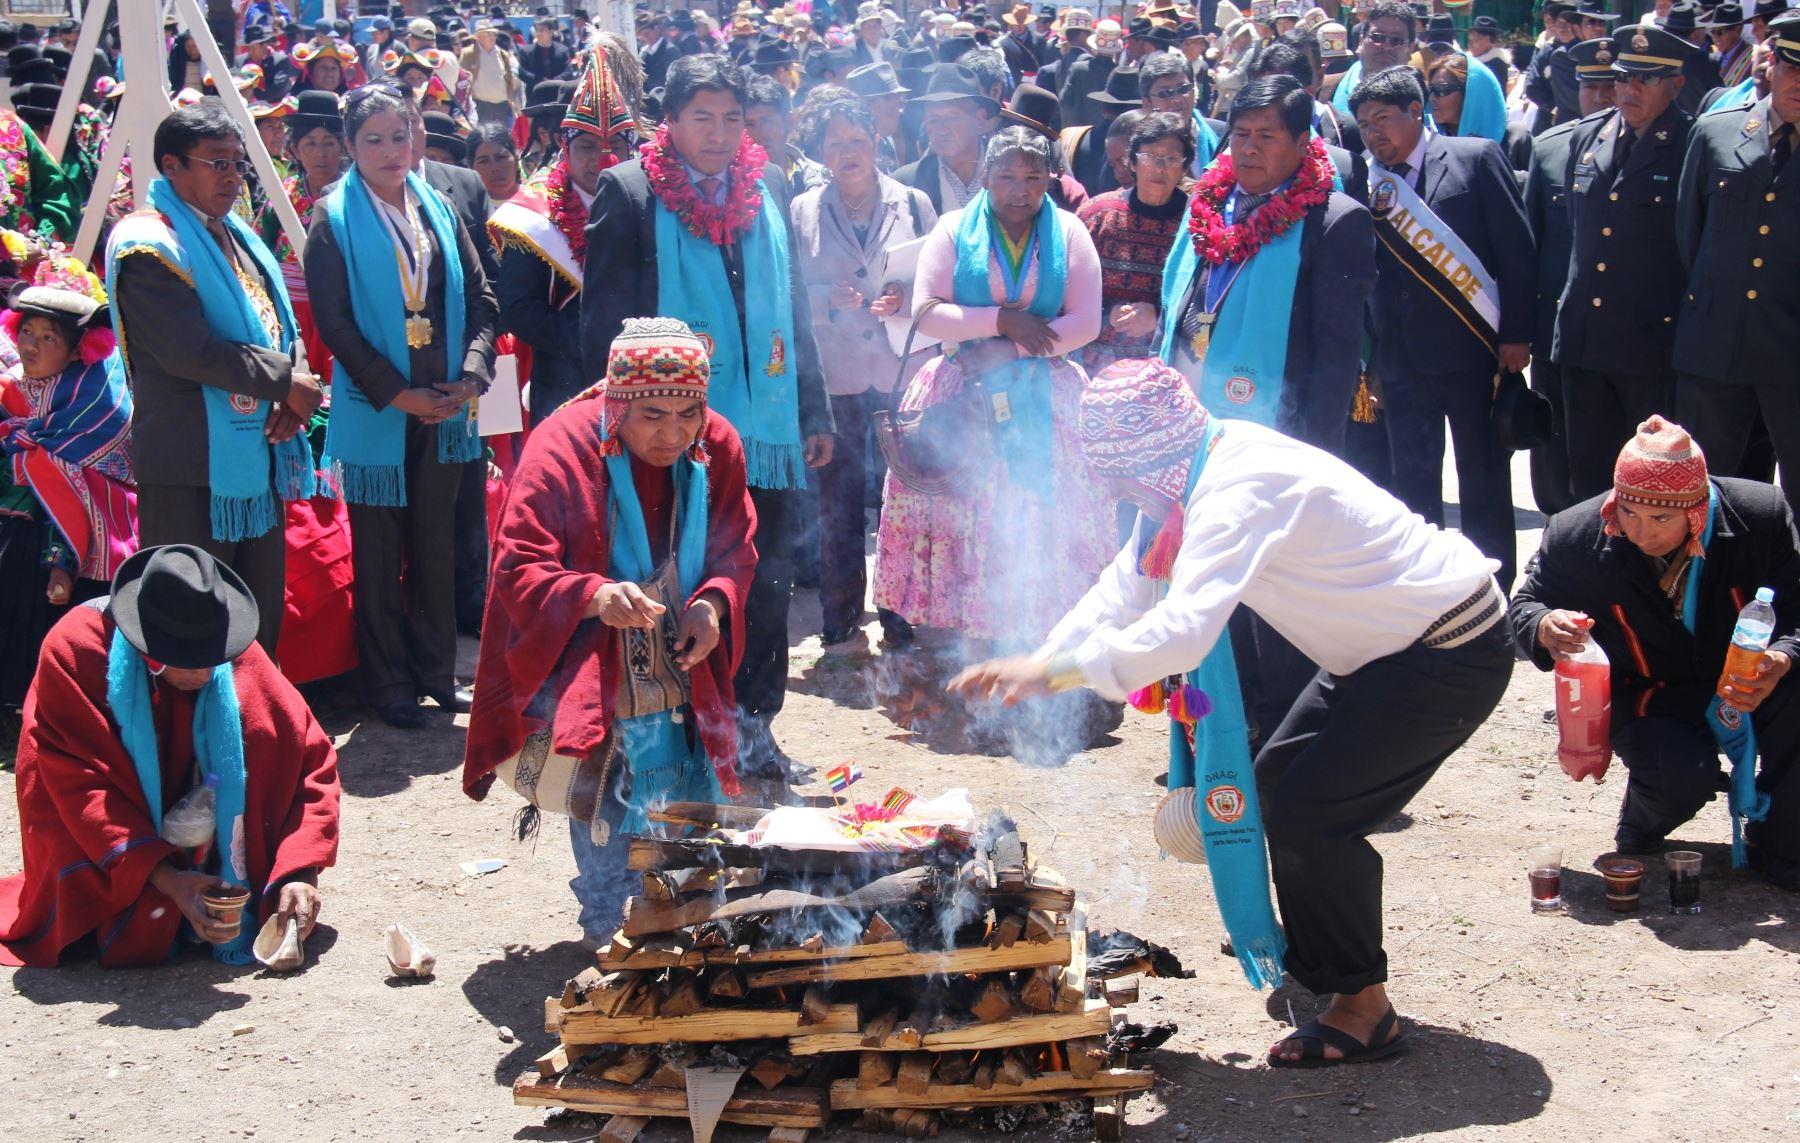 Pobladores de comunidades aledañas a Puno participaron de tradicional Entrada de Kapus, por la fiesta de la Virgen de la Candelaria. ANDINA